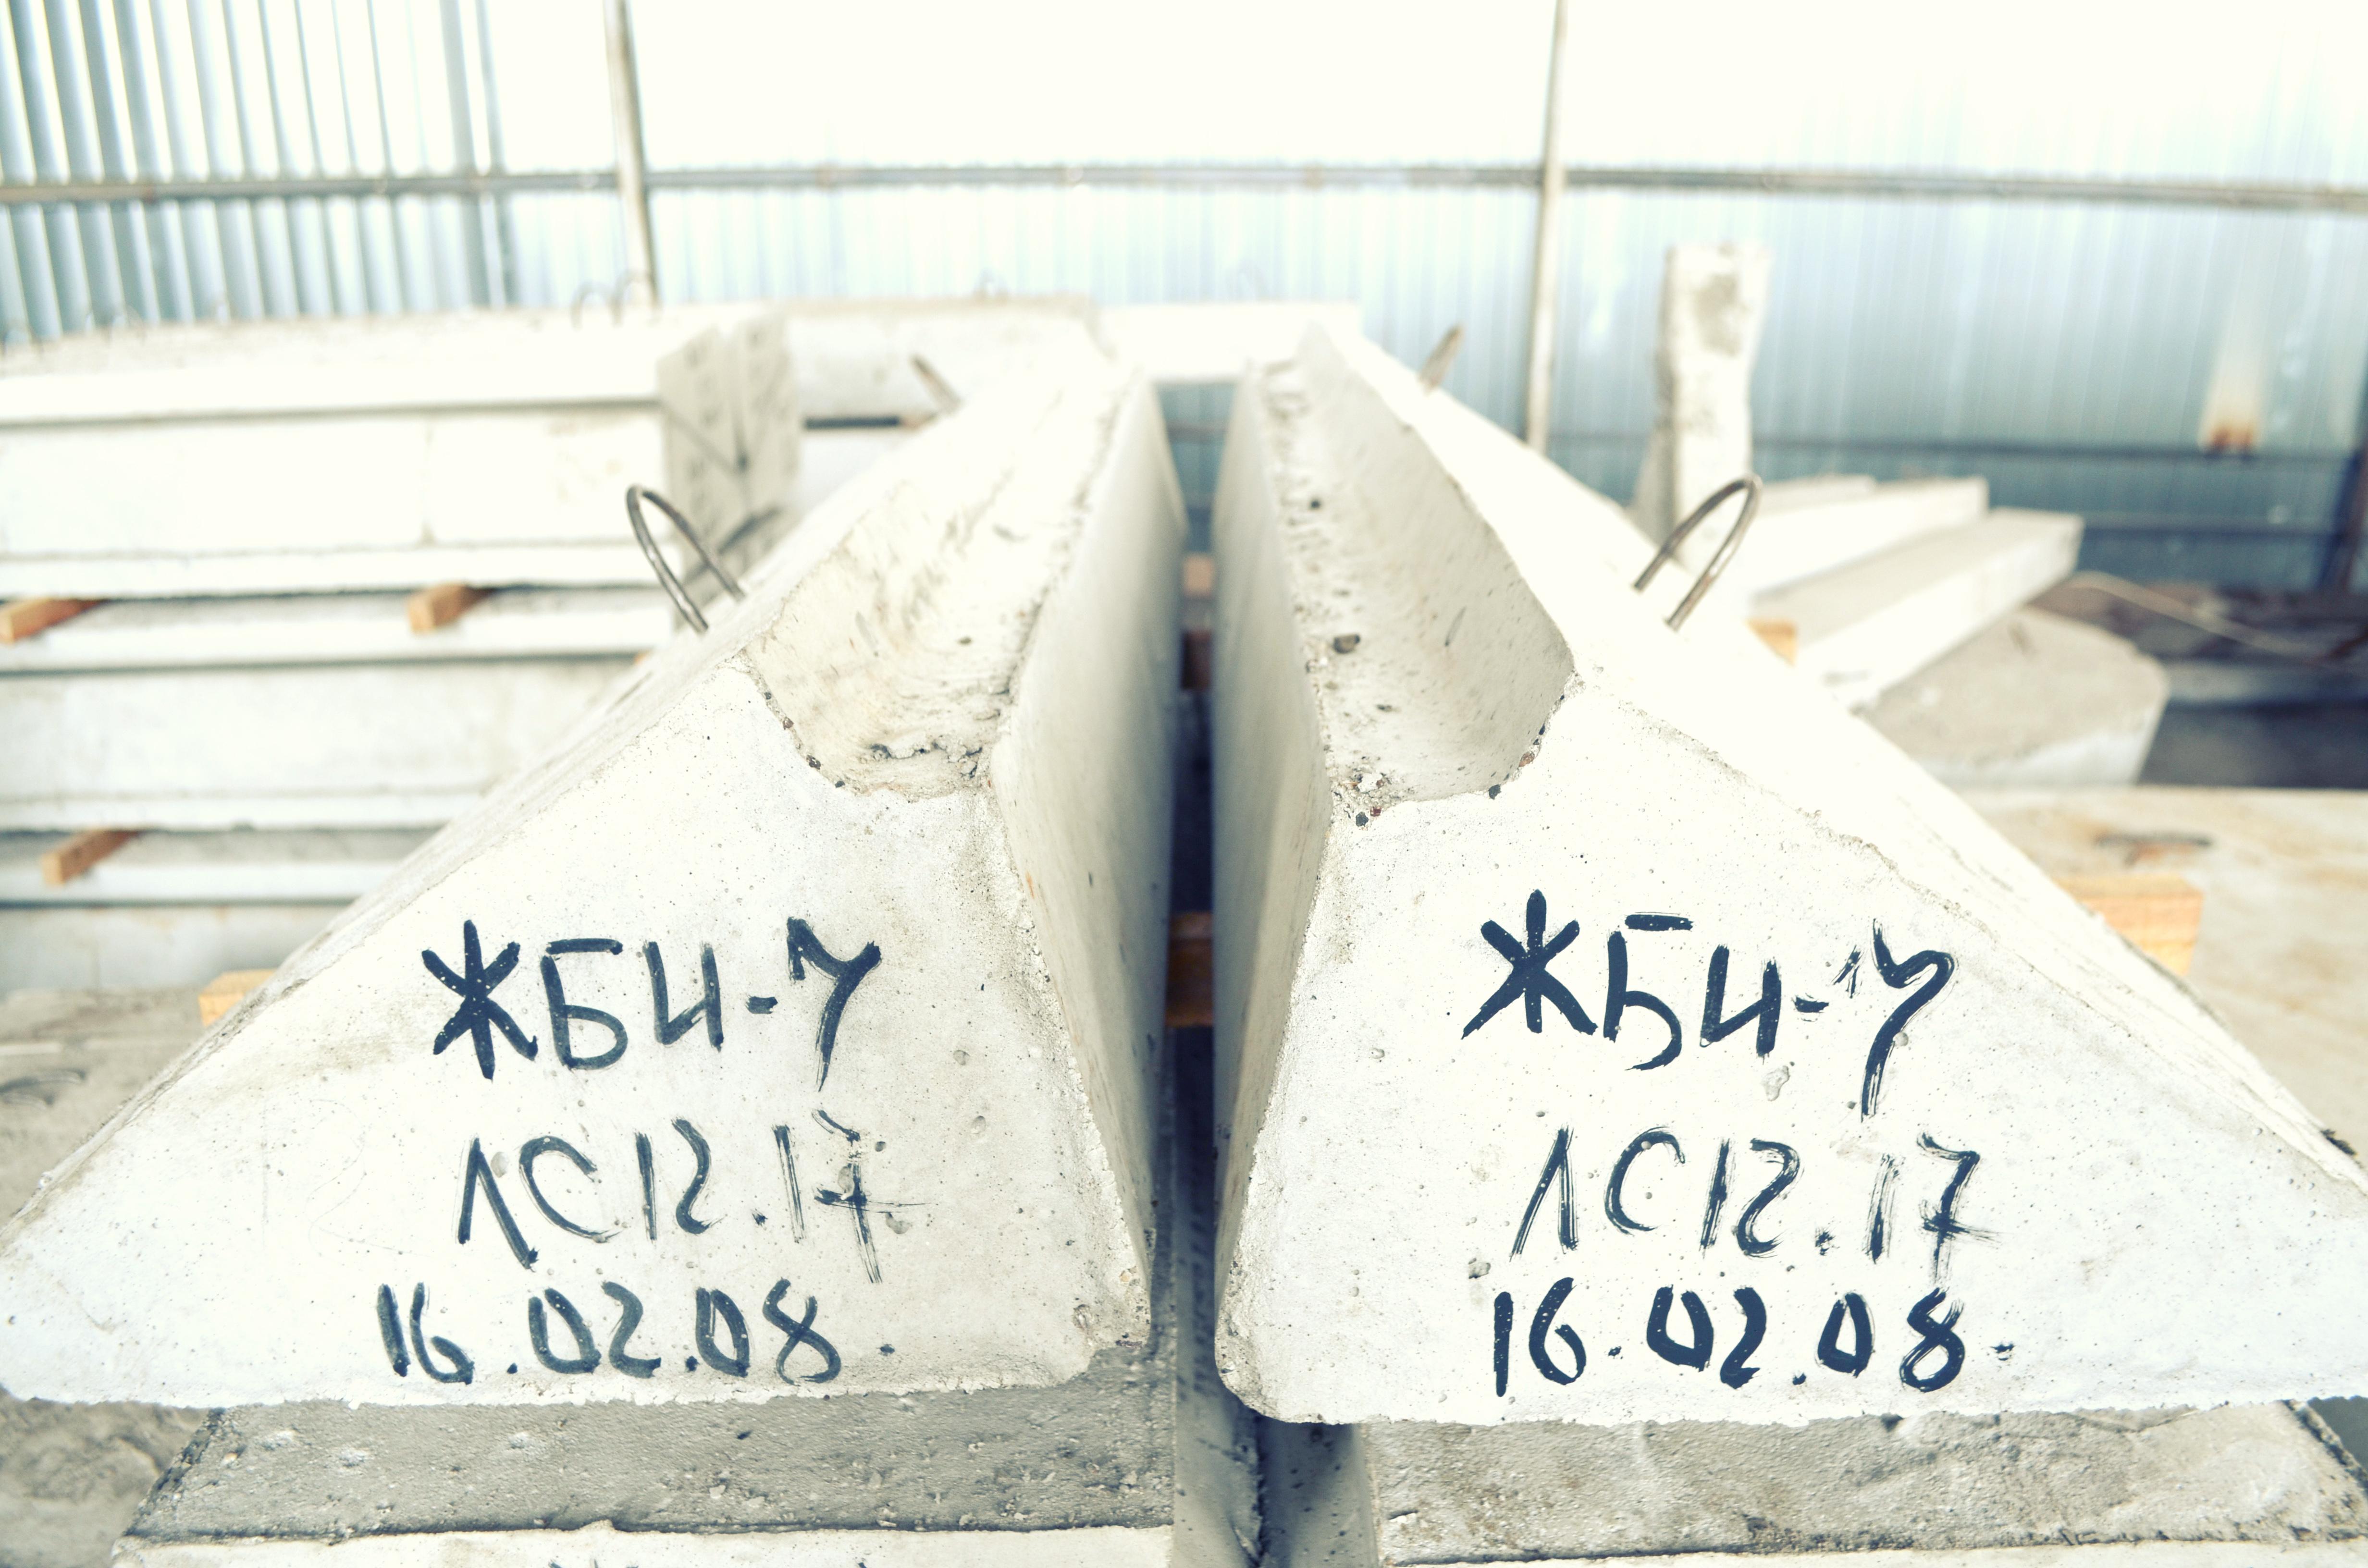 Закупили НОВЫЕ ФОРМЫ для заливки лестничных ступеней, теперь длина ступени возможно не до 1500 а до 3000 ( трех метров) также по индивидуальным размерам